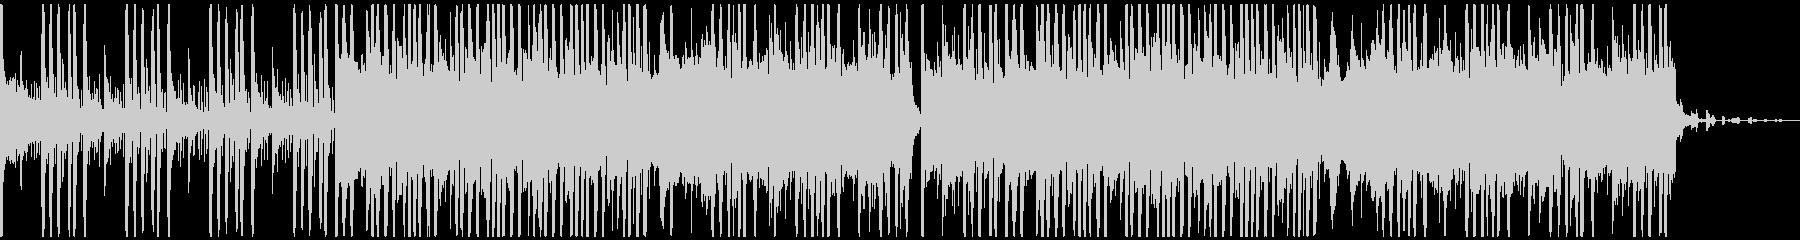 EDM・フューチャーベース風BGMの未再生の波形